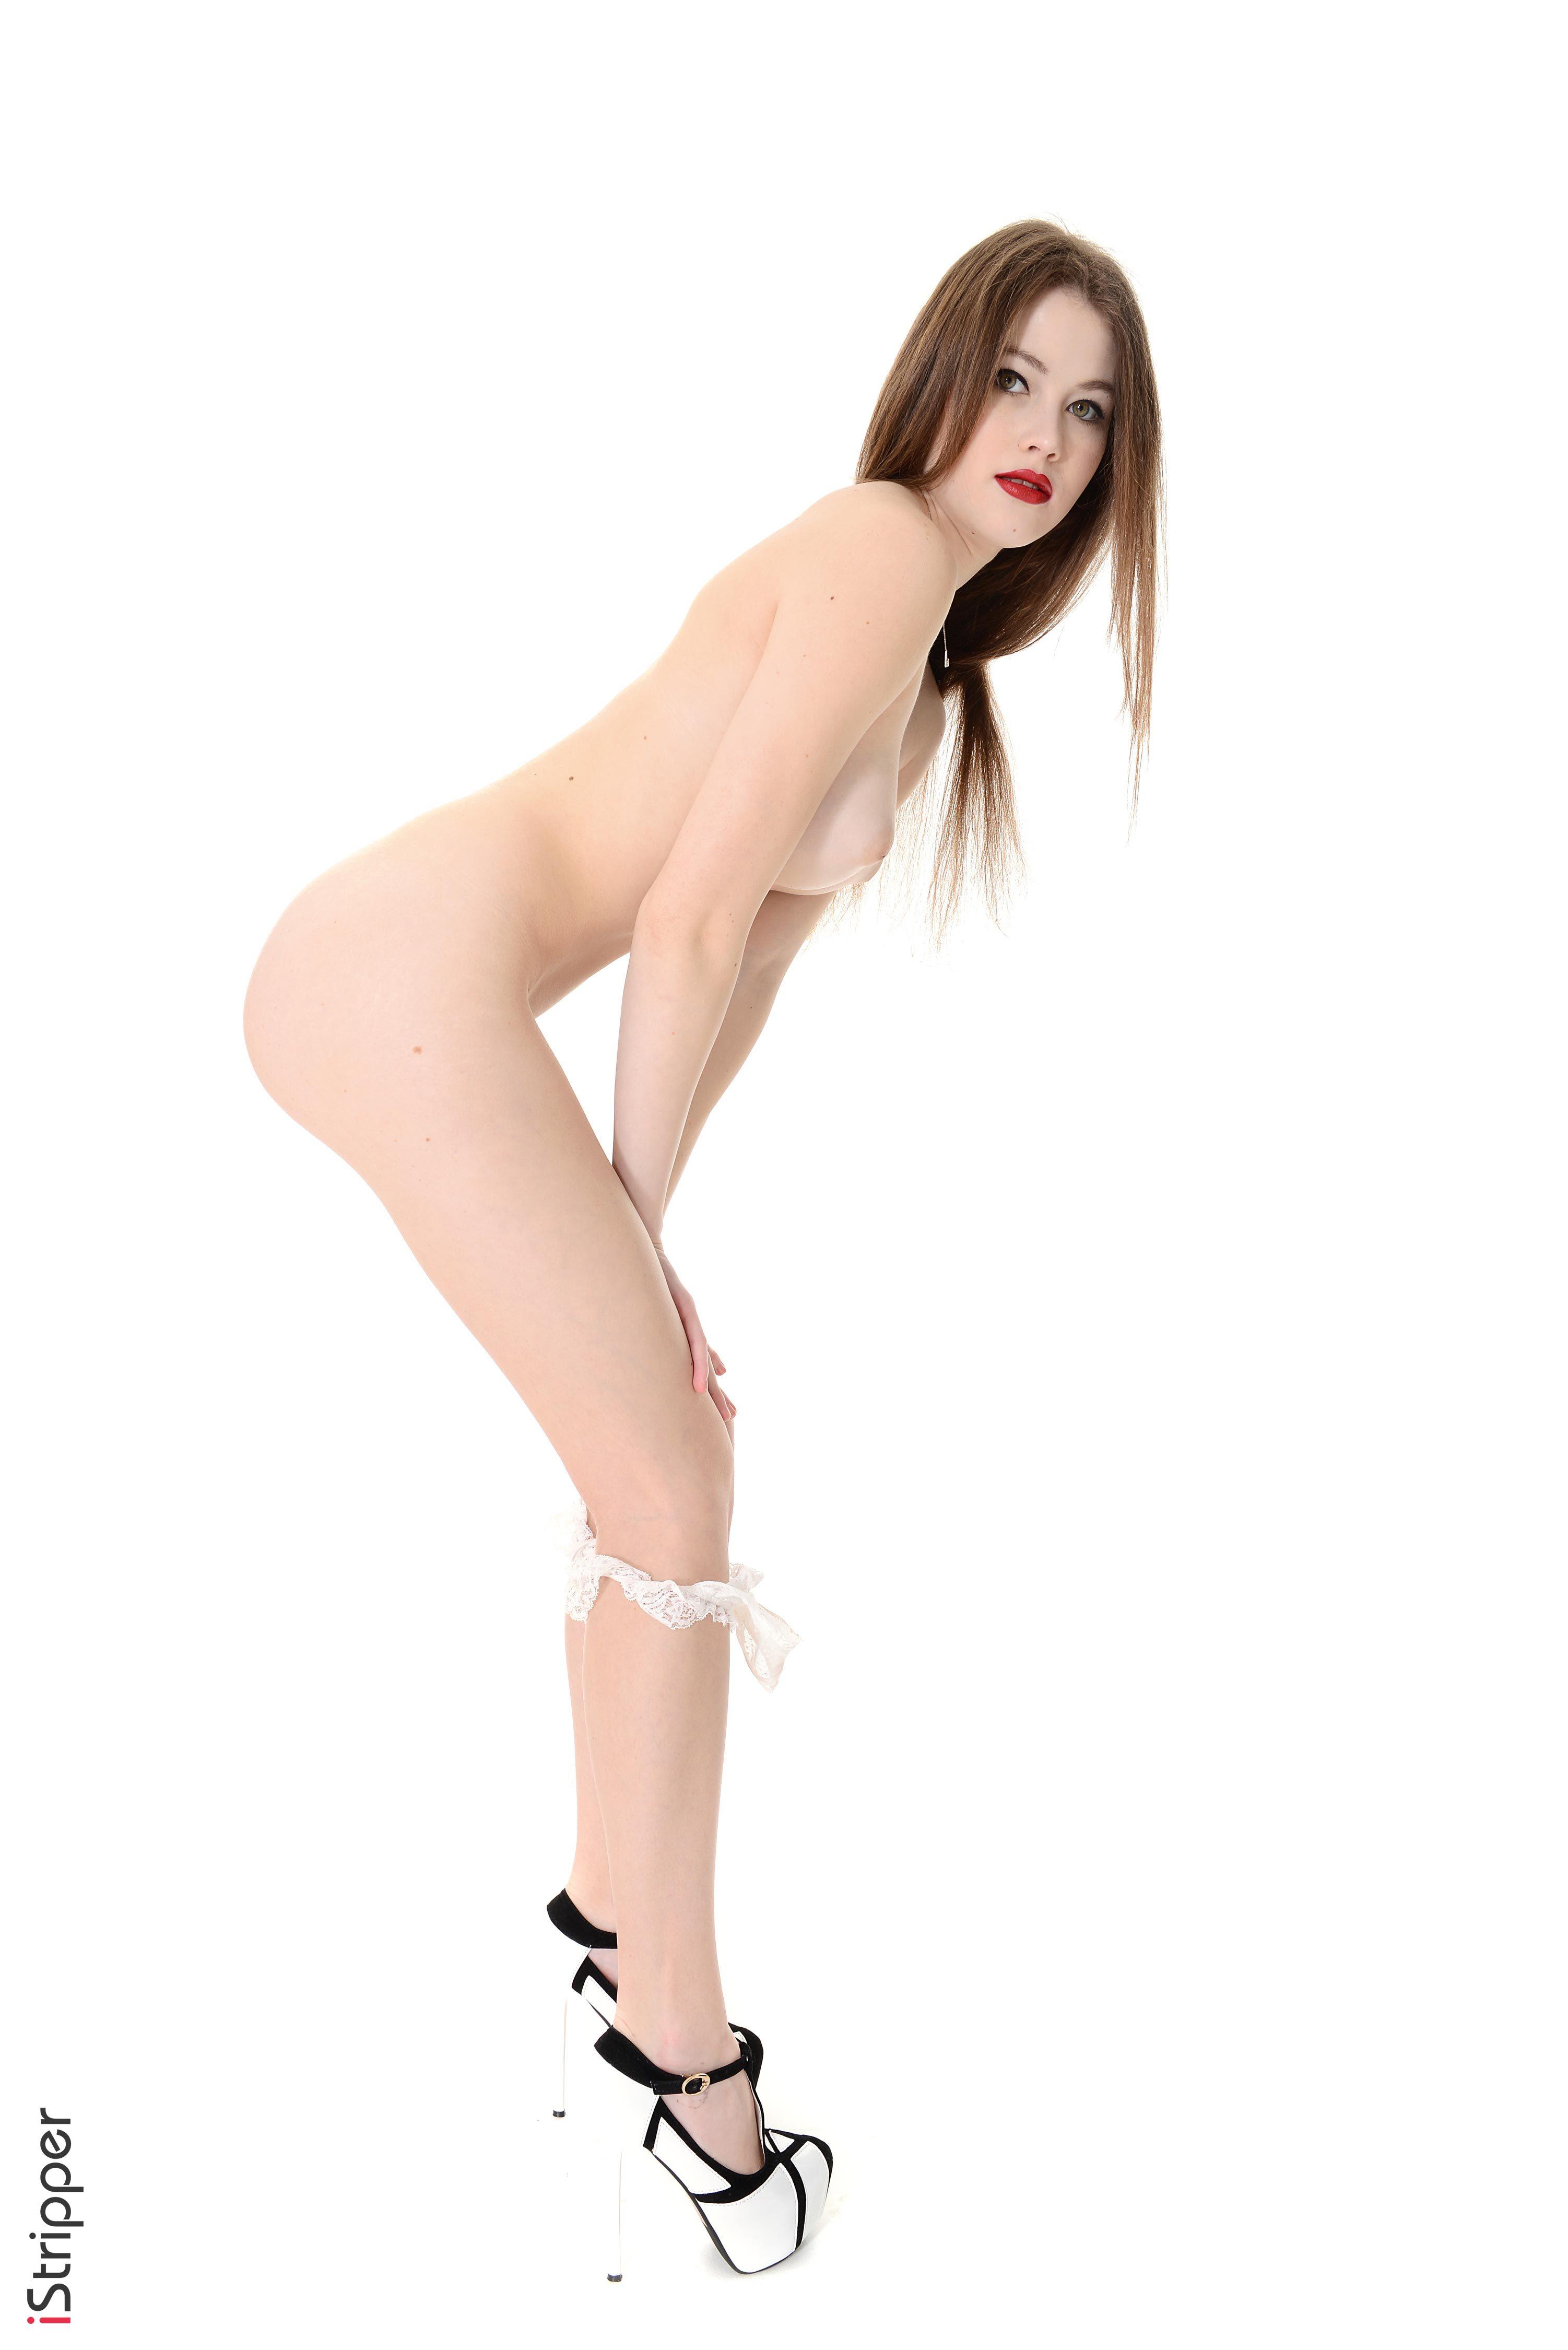 naked model wallpaper